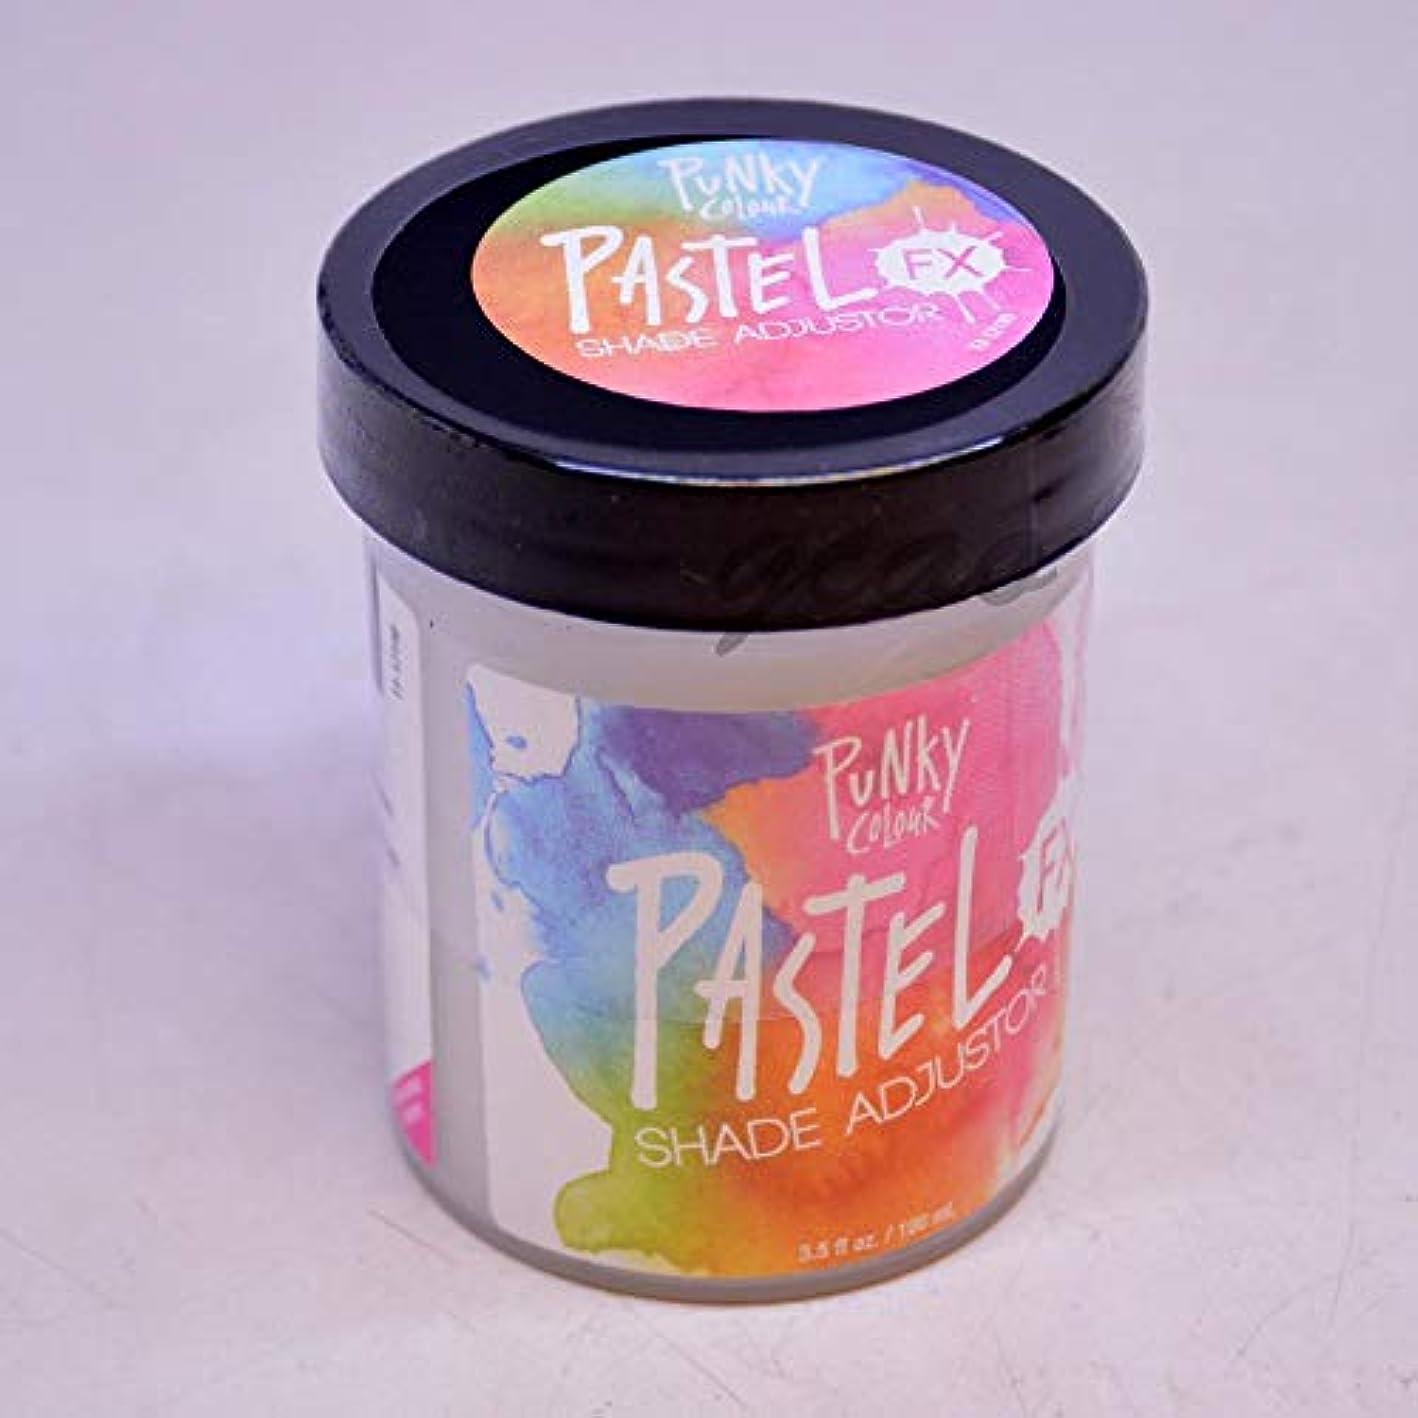 スクリューマナー省JEROME RUSSELL Punky Color Semi-Permanent Conditioning Hair Color - Pastel FX Shade Adjuster (並行輸入品)